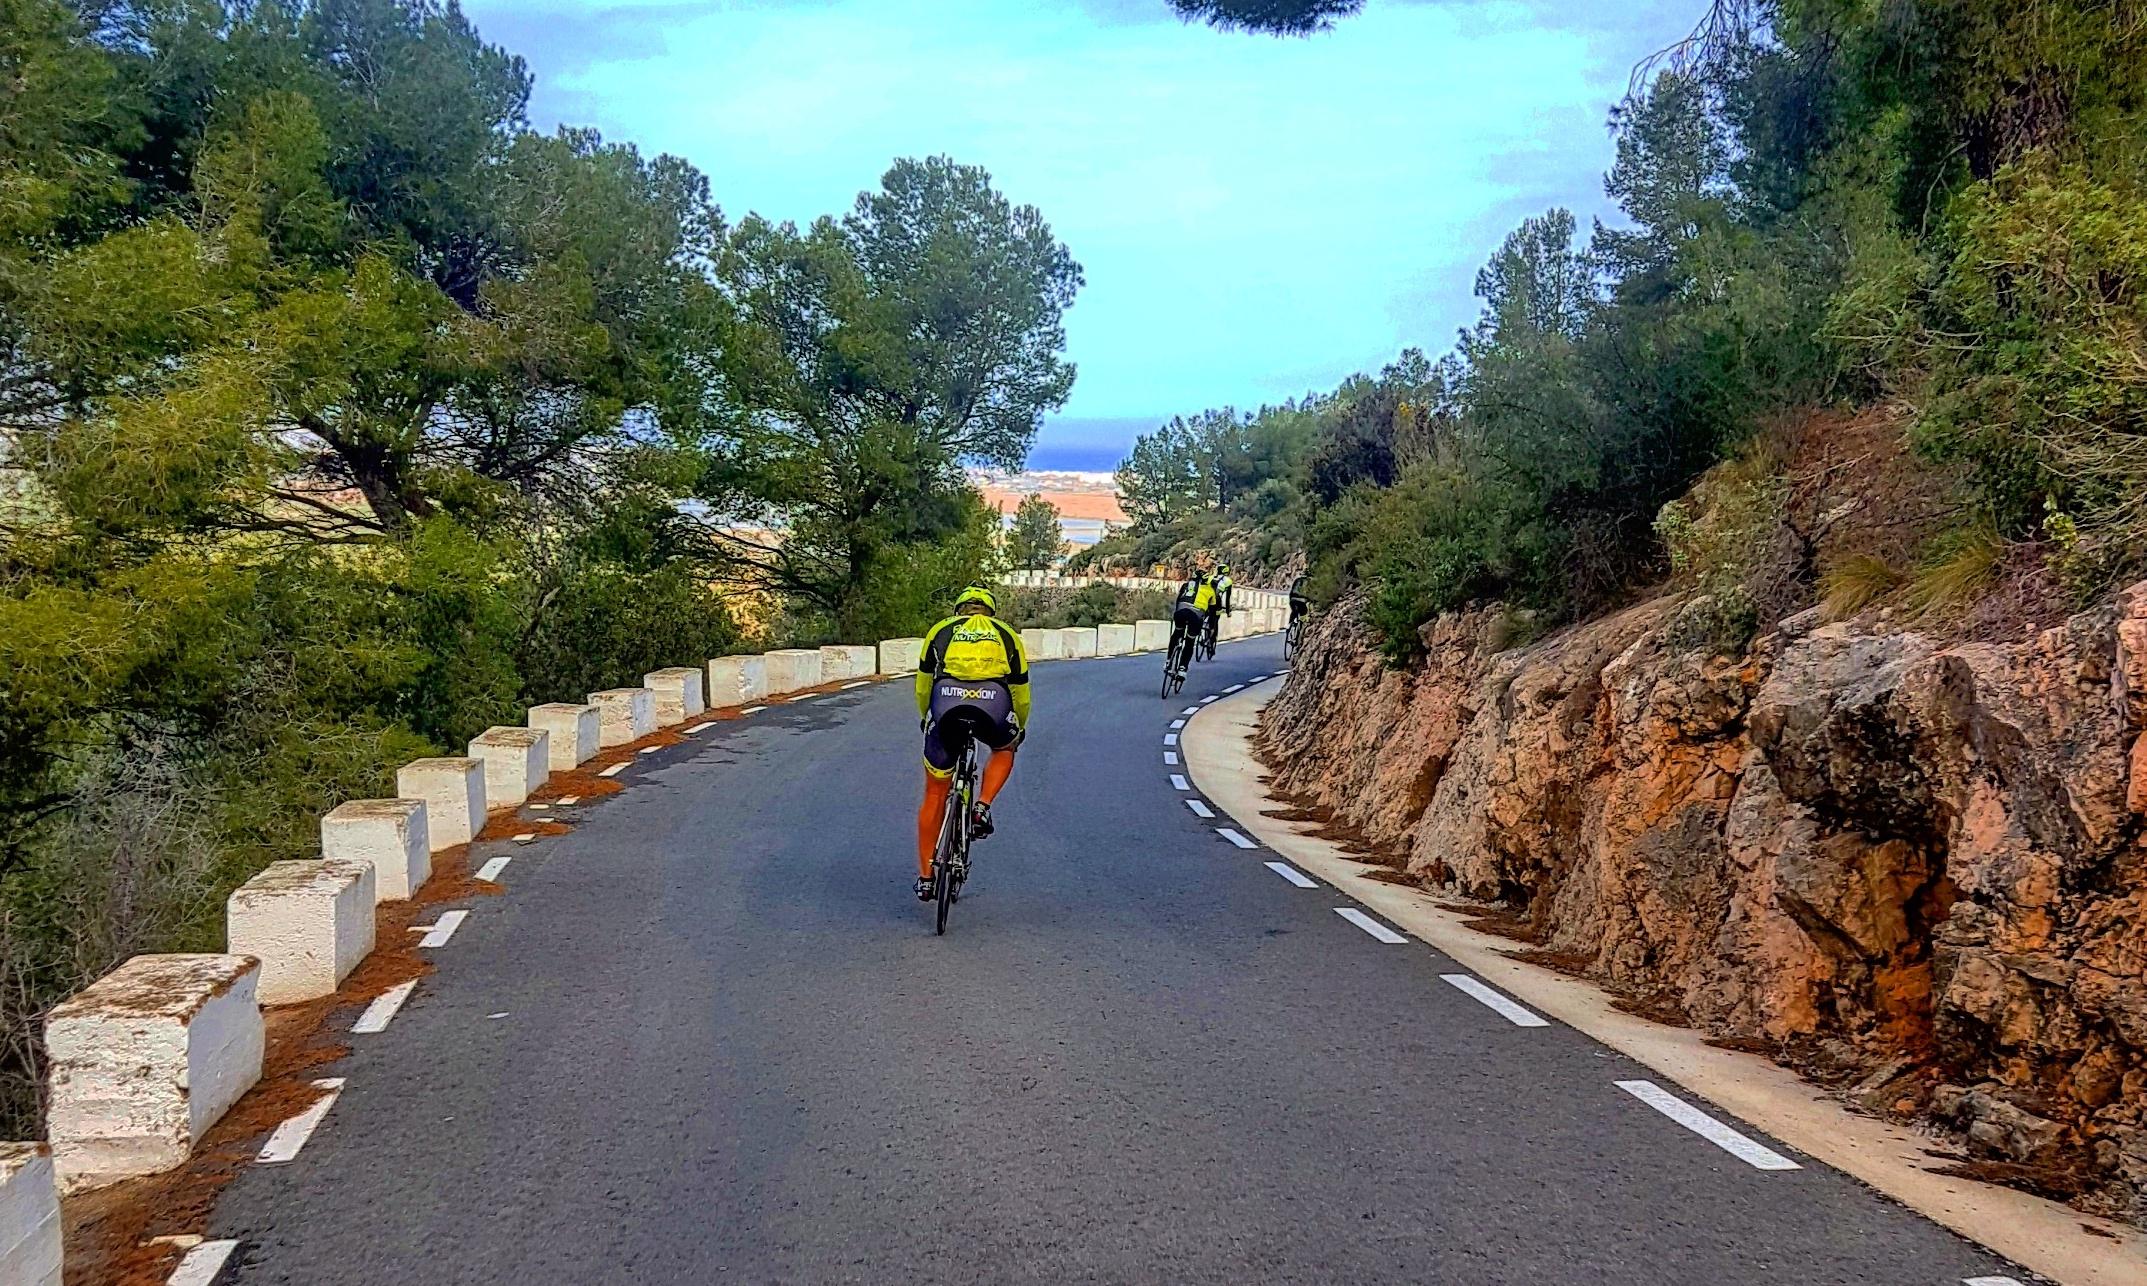 Sykkelreise- Hvordan planlegge en lengre sykkeltur?